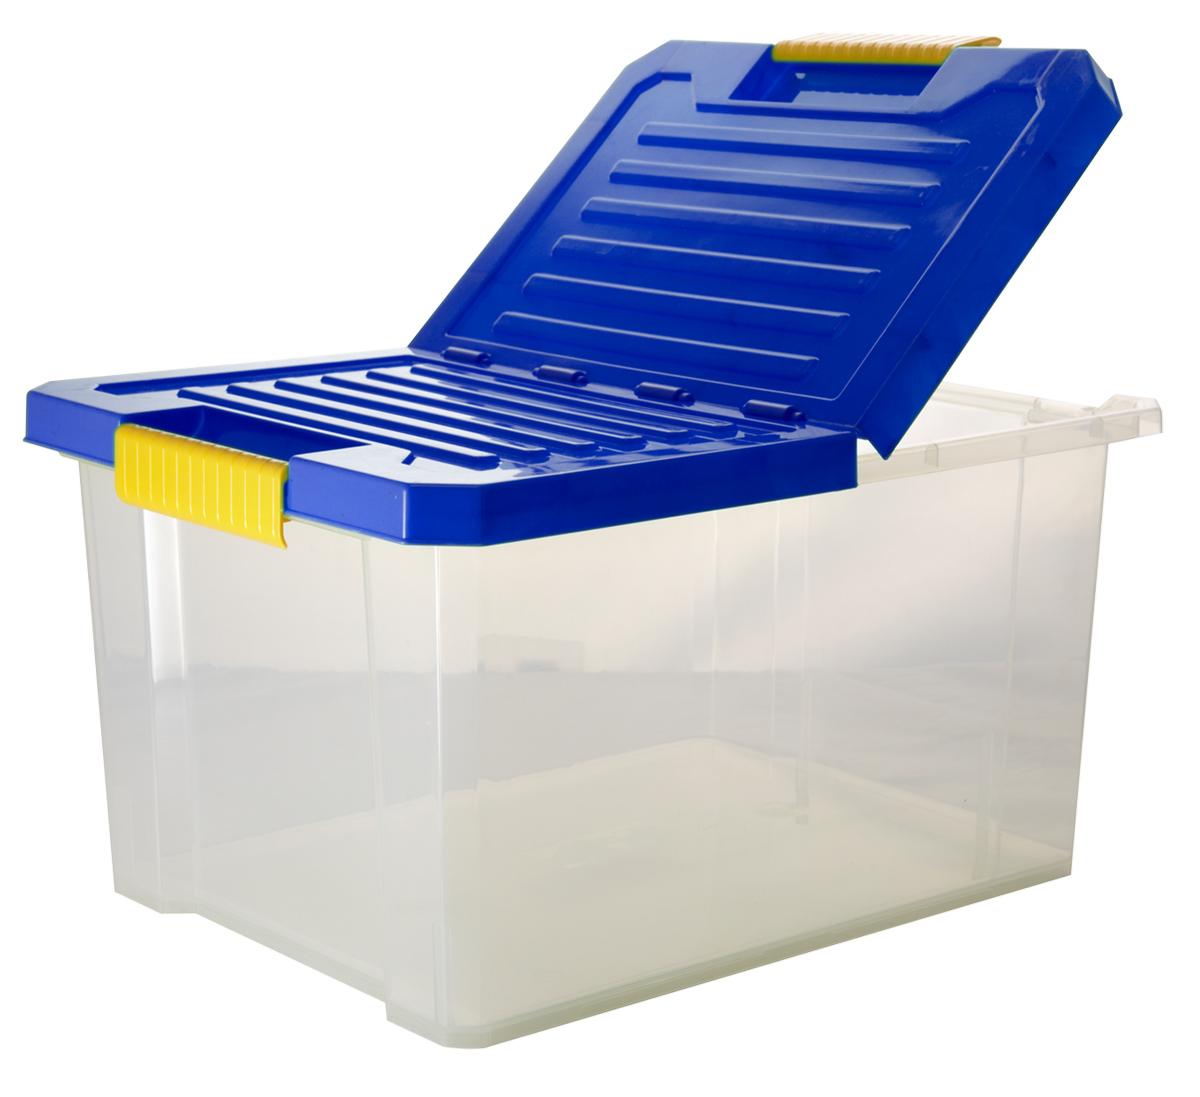 Ящик для хранения BranQ Unibox, цвет: синий, прозрачный, 17 л8812Универсальный ящик для хранения BranQ Unibox, выполненный из прочного пластика, поможет правильно организовать пространство в доме и сэкономить место. В нем можно хранить все, что угодно: одежду, обувь, детские игрушки и многое другое. Прочный каркас ящика позволит хранить как легкие вещи, так и переносить собранный урожай овощей или фруктов. Изделие оснащено складной крышкой, которая защитит вещи от пыли, грязи и влаги. Эргономичные ручки-защелки, позволяют переносить ящик как с крышкой, так и без нее.